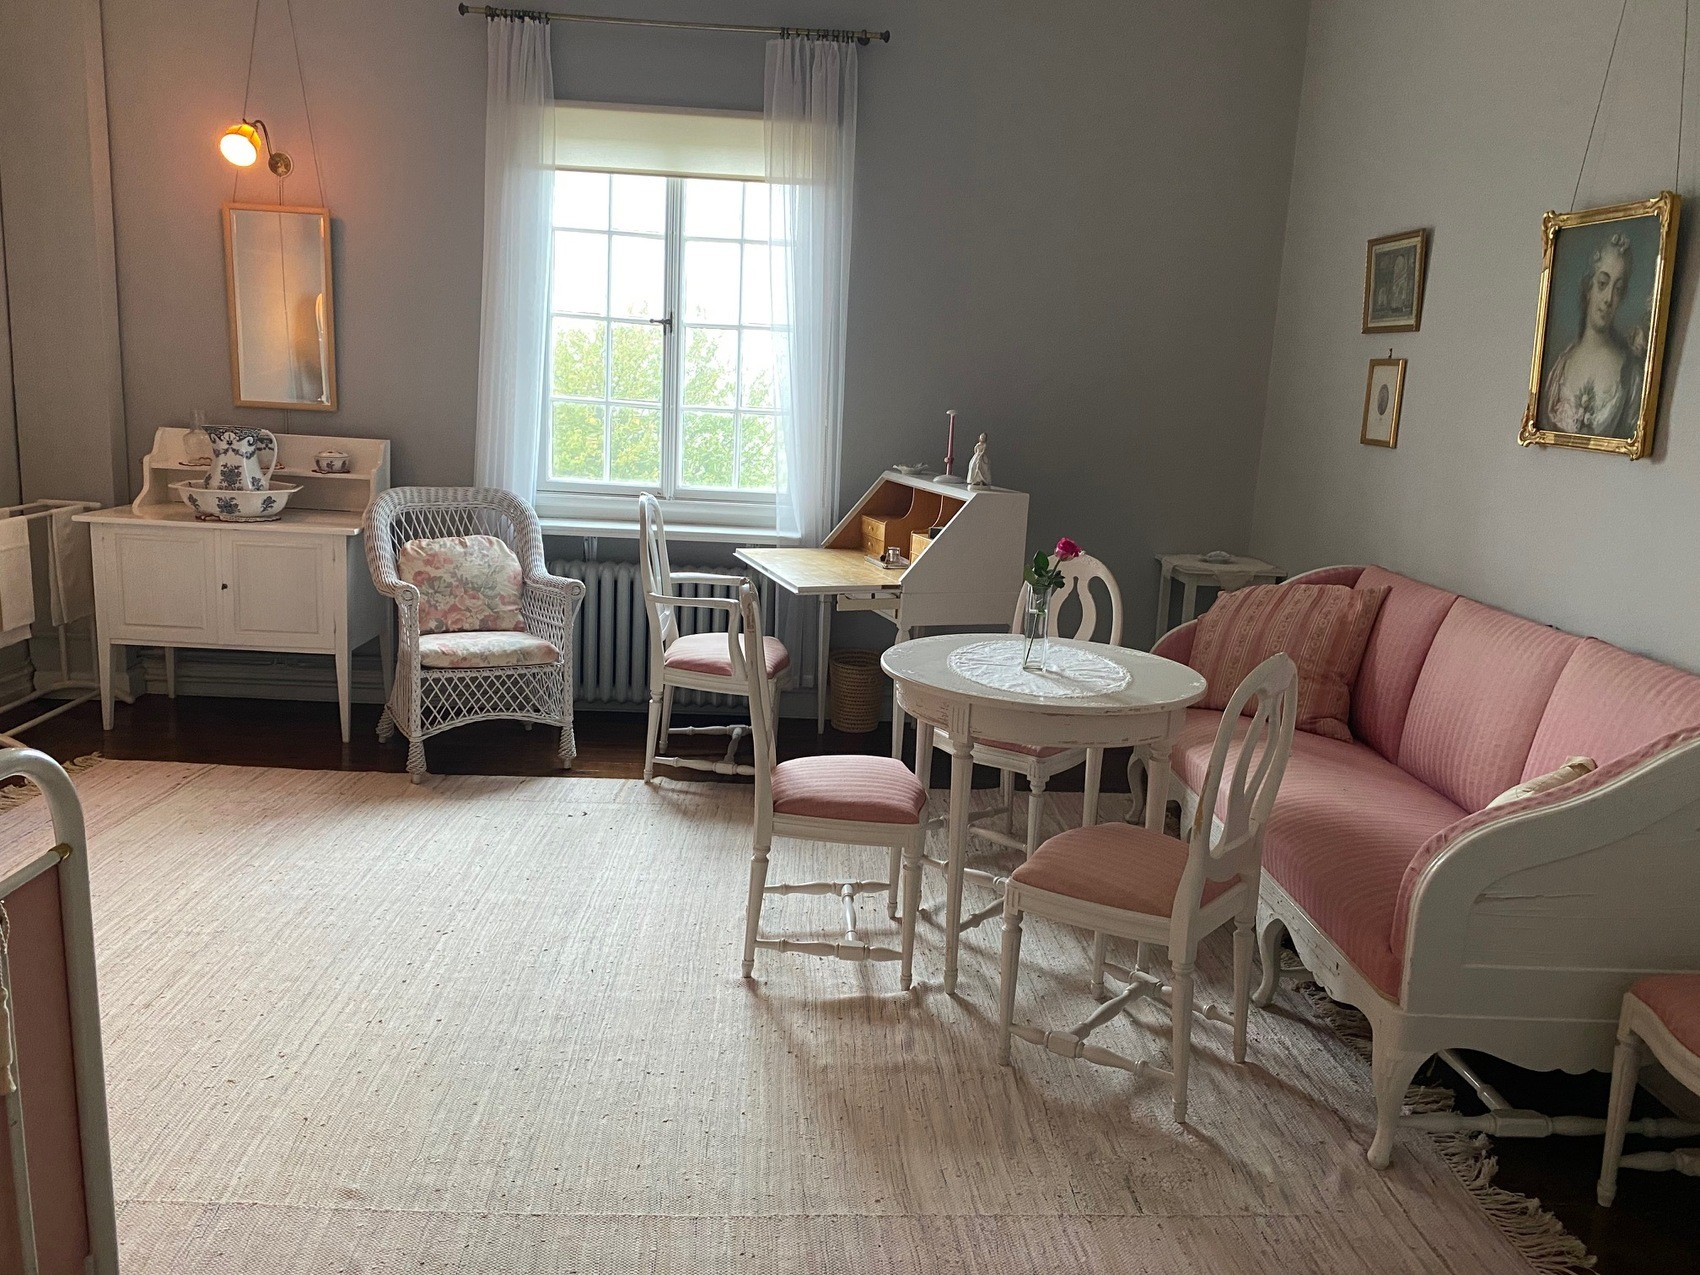 Ett rum med ljsugråa väggar och vitrosa möbler